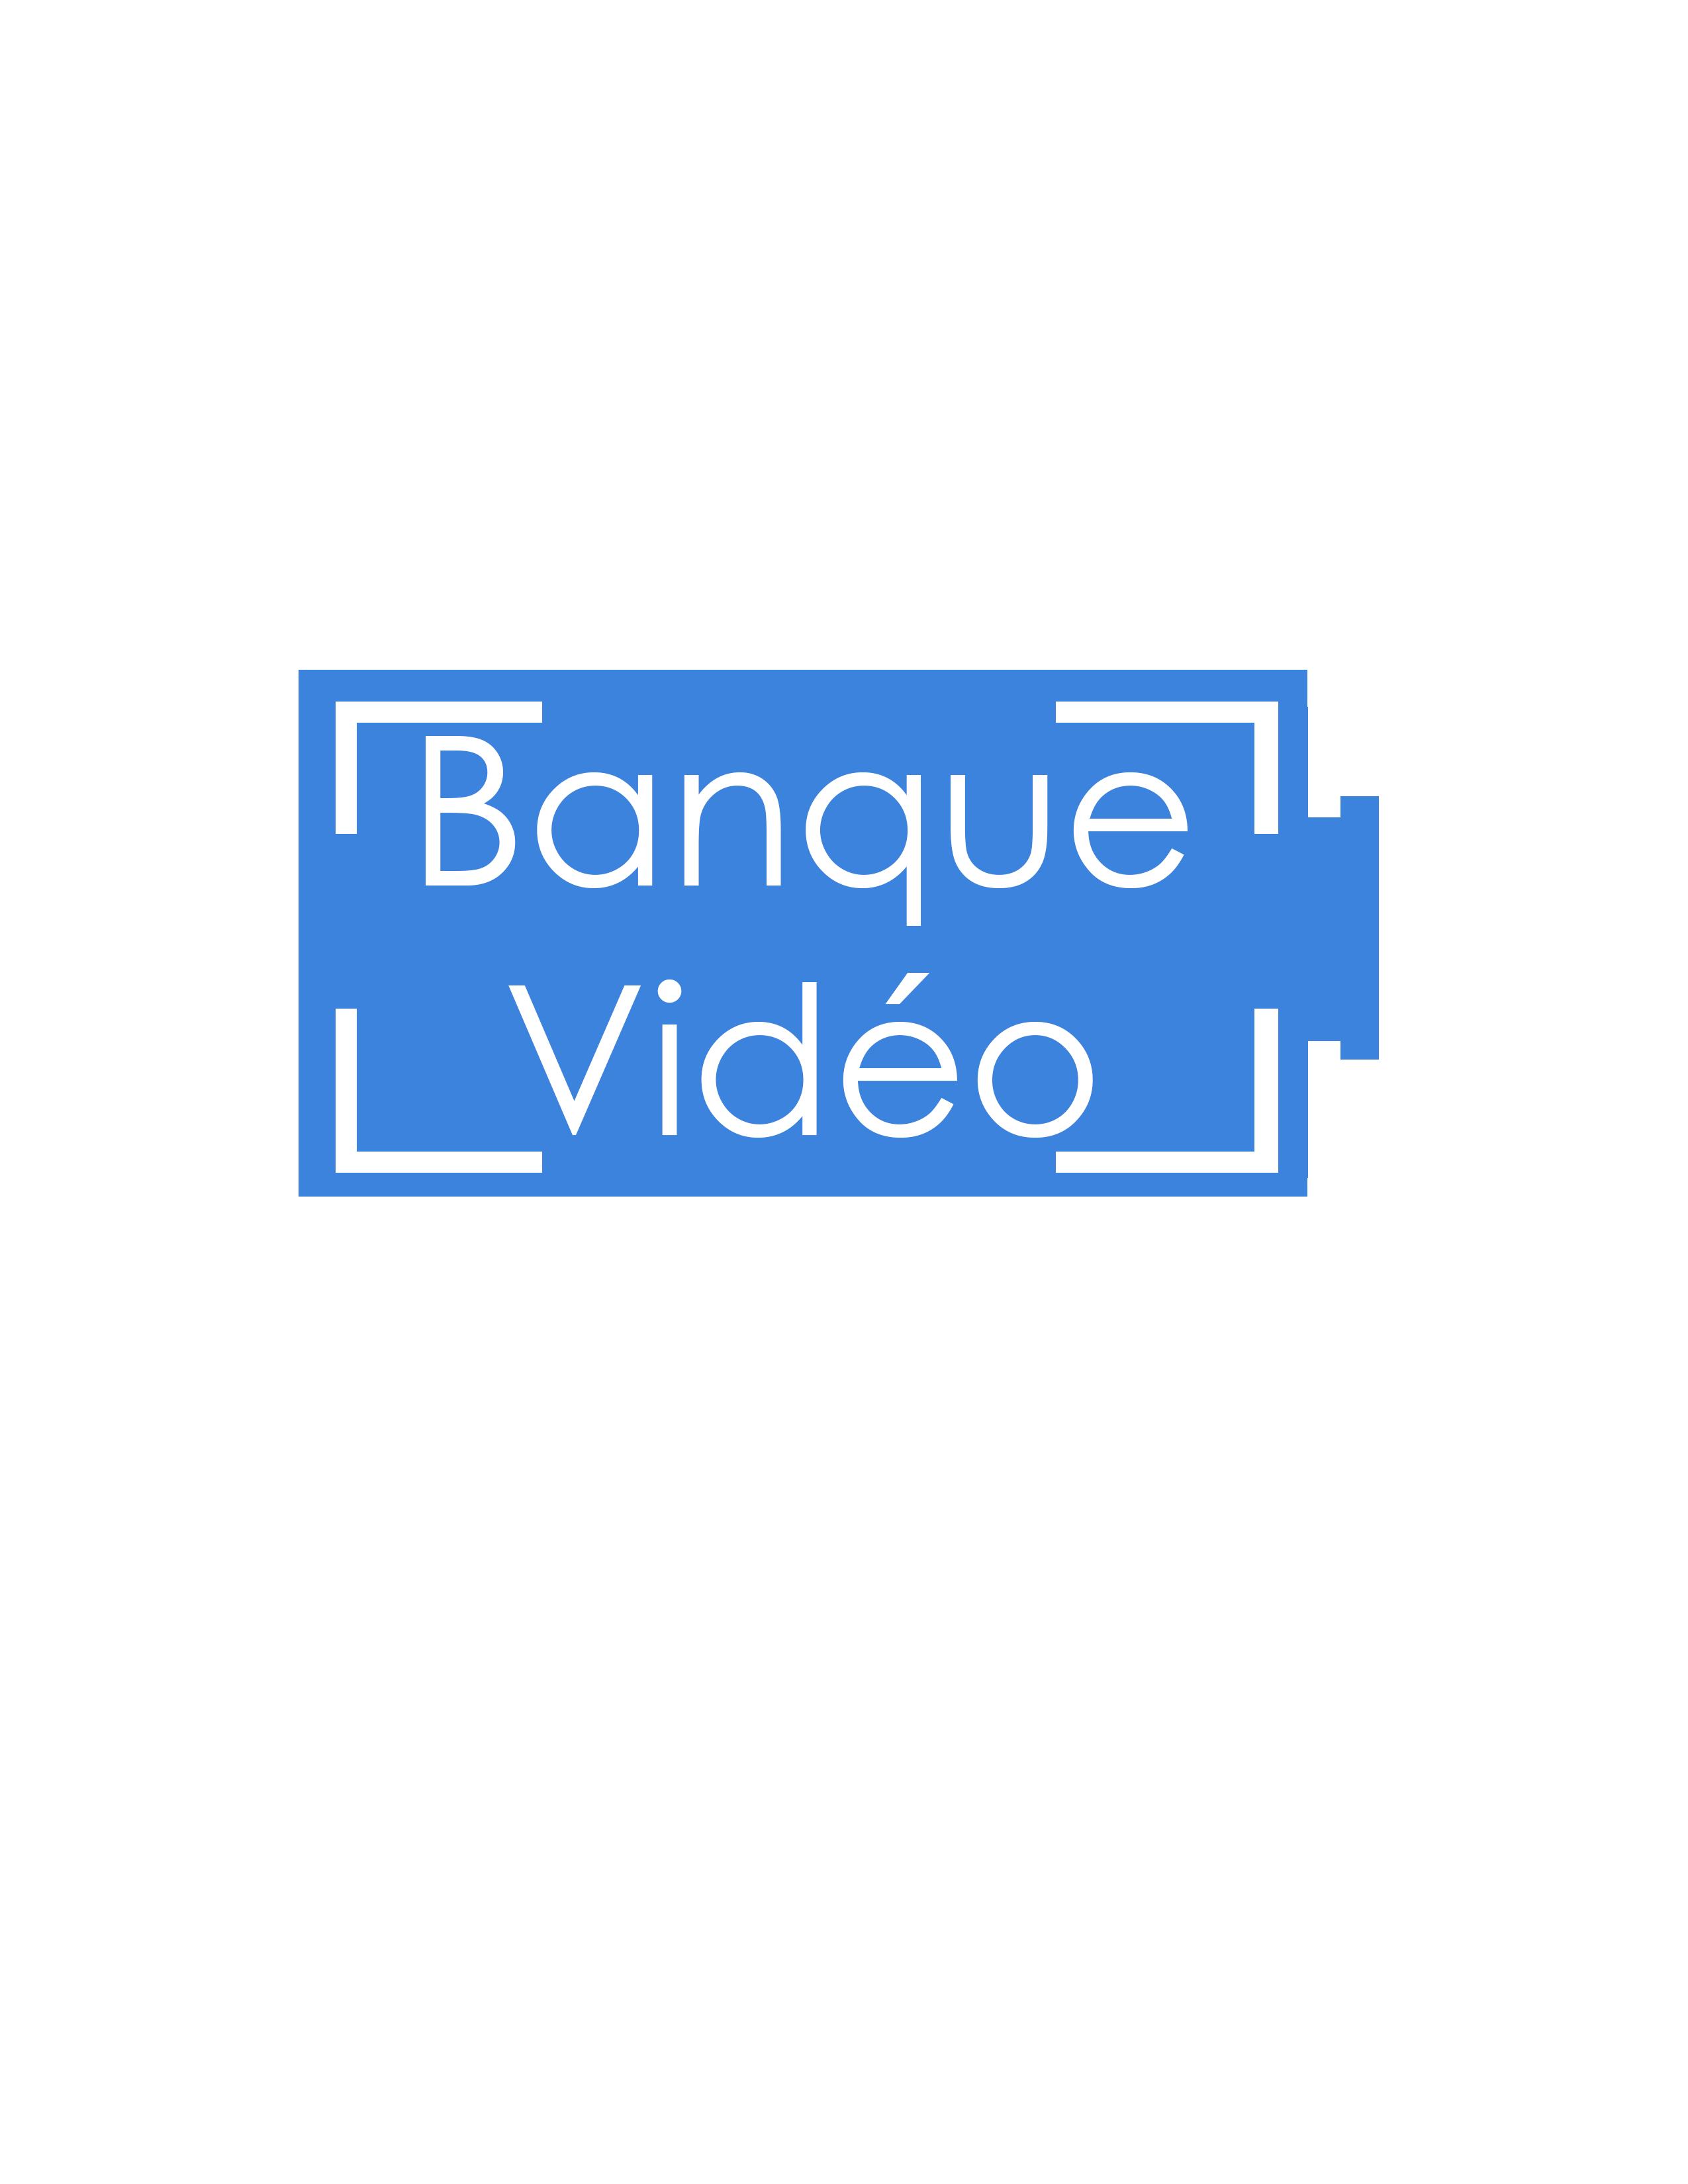 Banque video